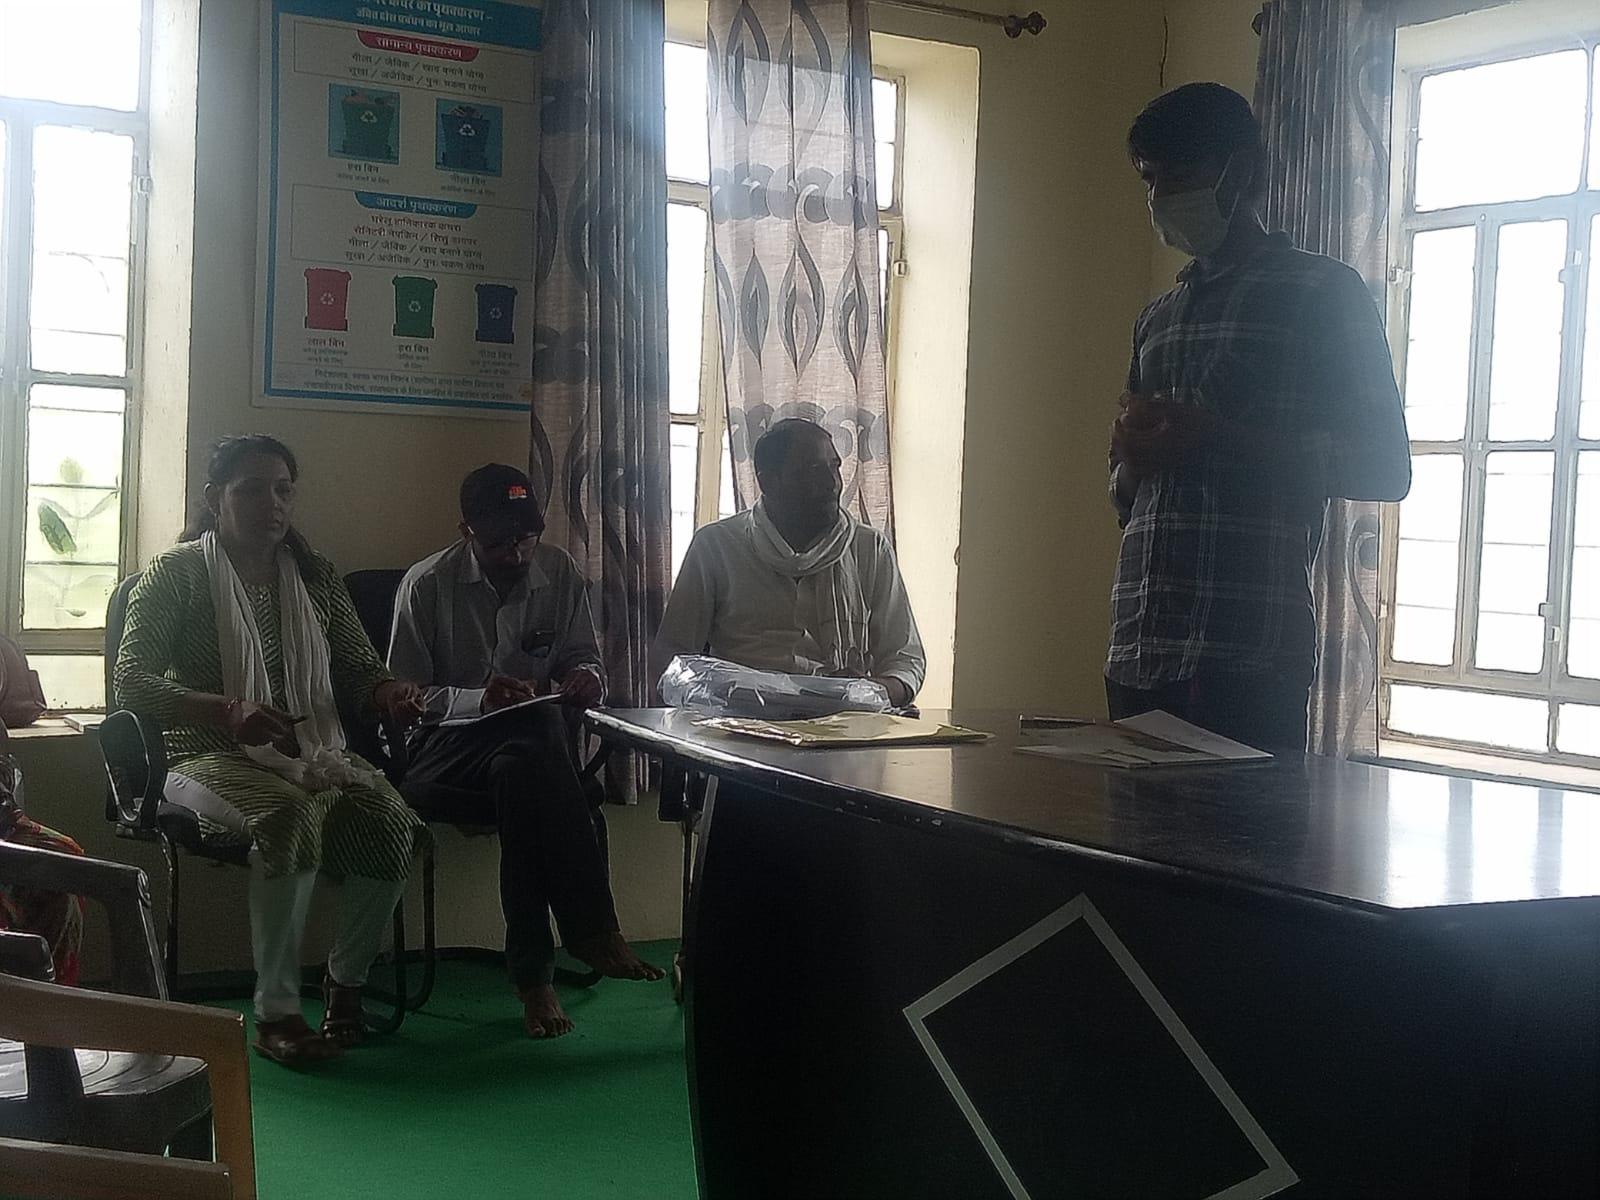 गुड़ावड़ी मे स्वच्छता अभियान के एक दिवसीय प्रशिक्षण शिविर का आयोजन किया